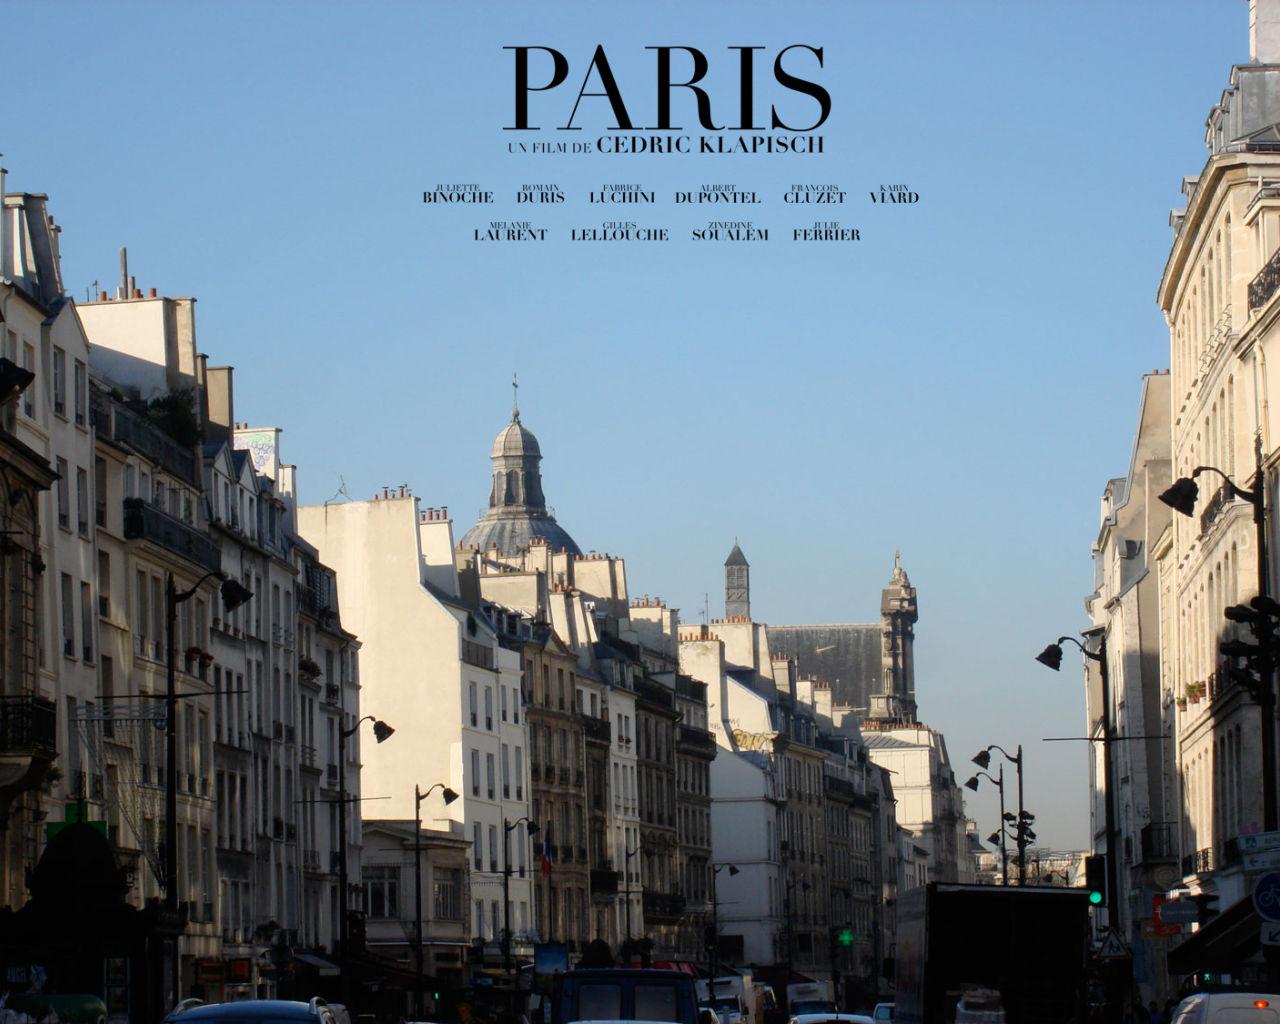 Wallpaper About Love With Quotes Paris Paris Wallpaper